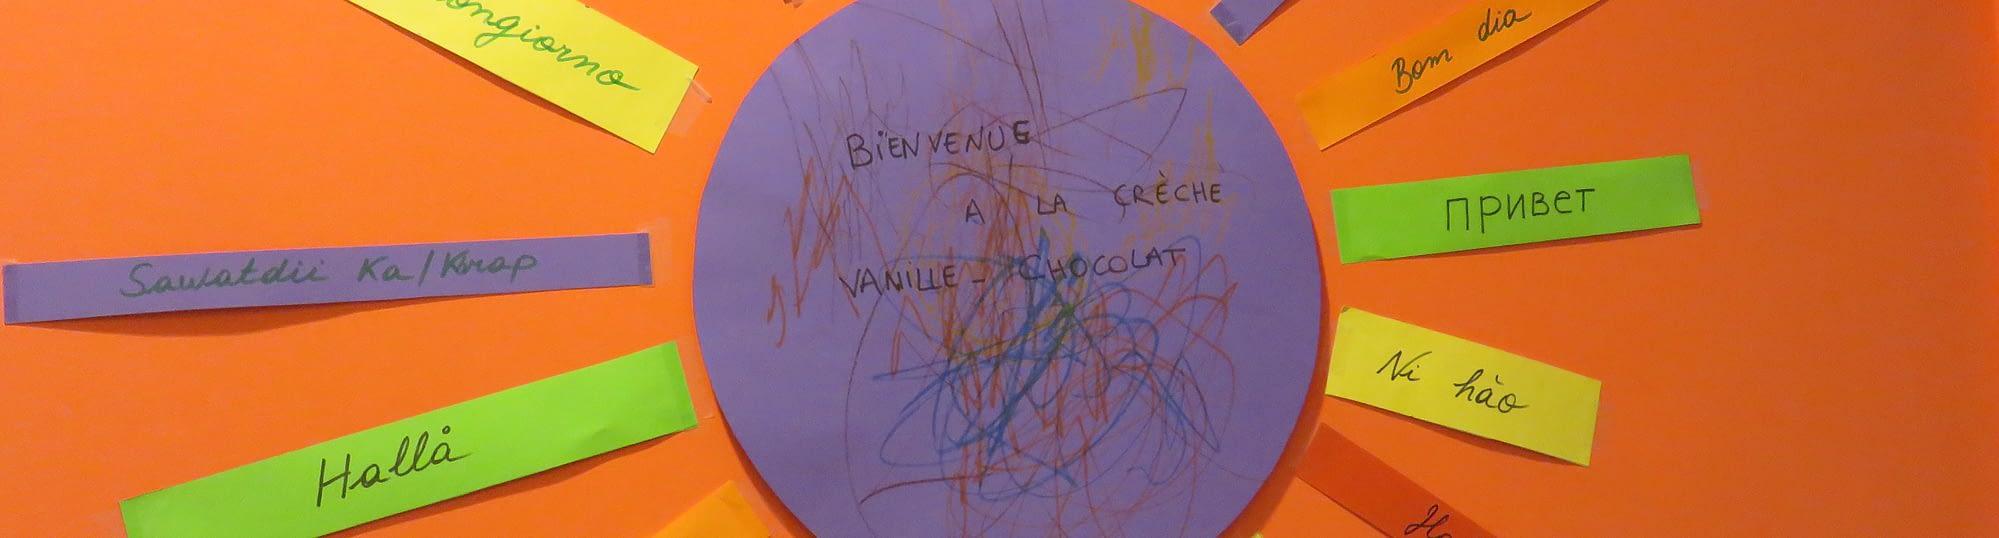 Affichette de bienvenue dans la crèche Vanille-Chocolat